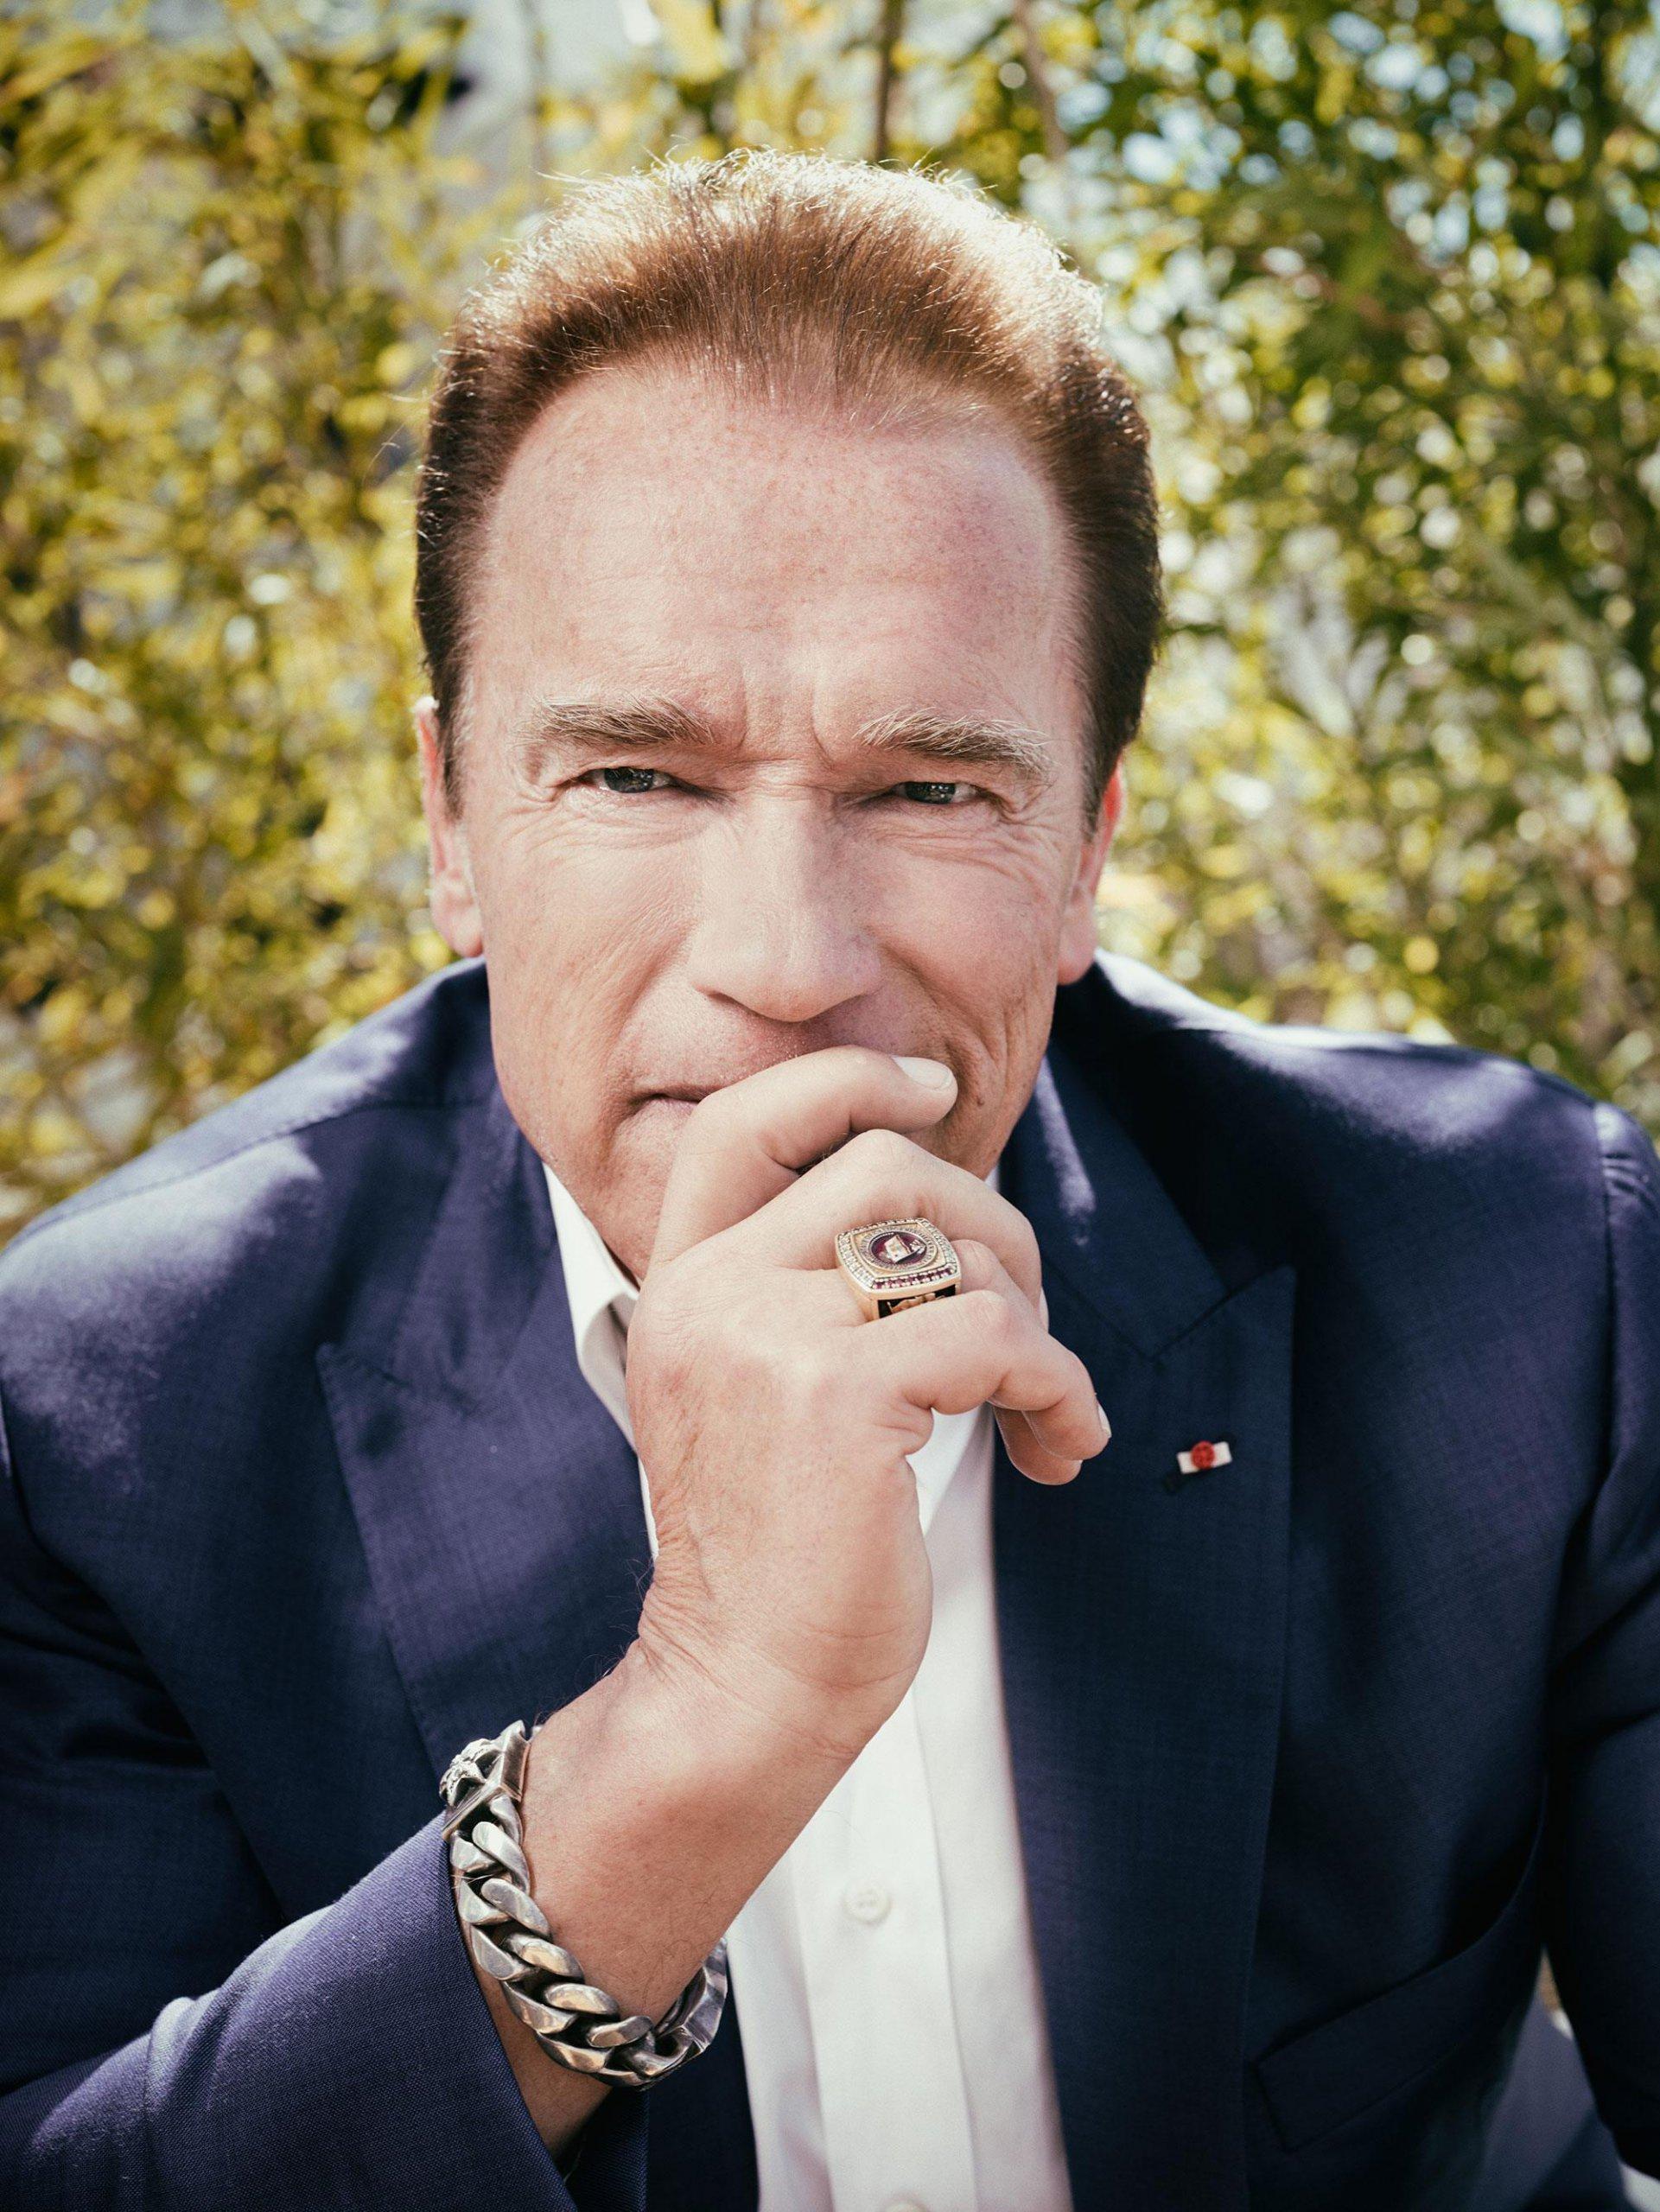 Arnold_Schwarzenegger-1